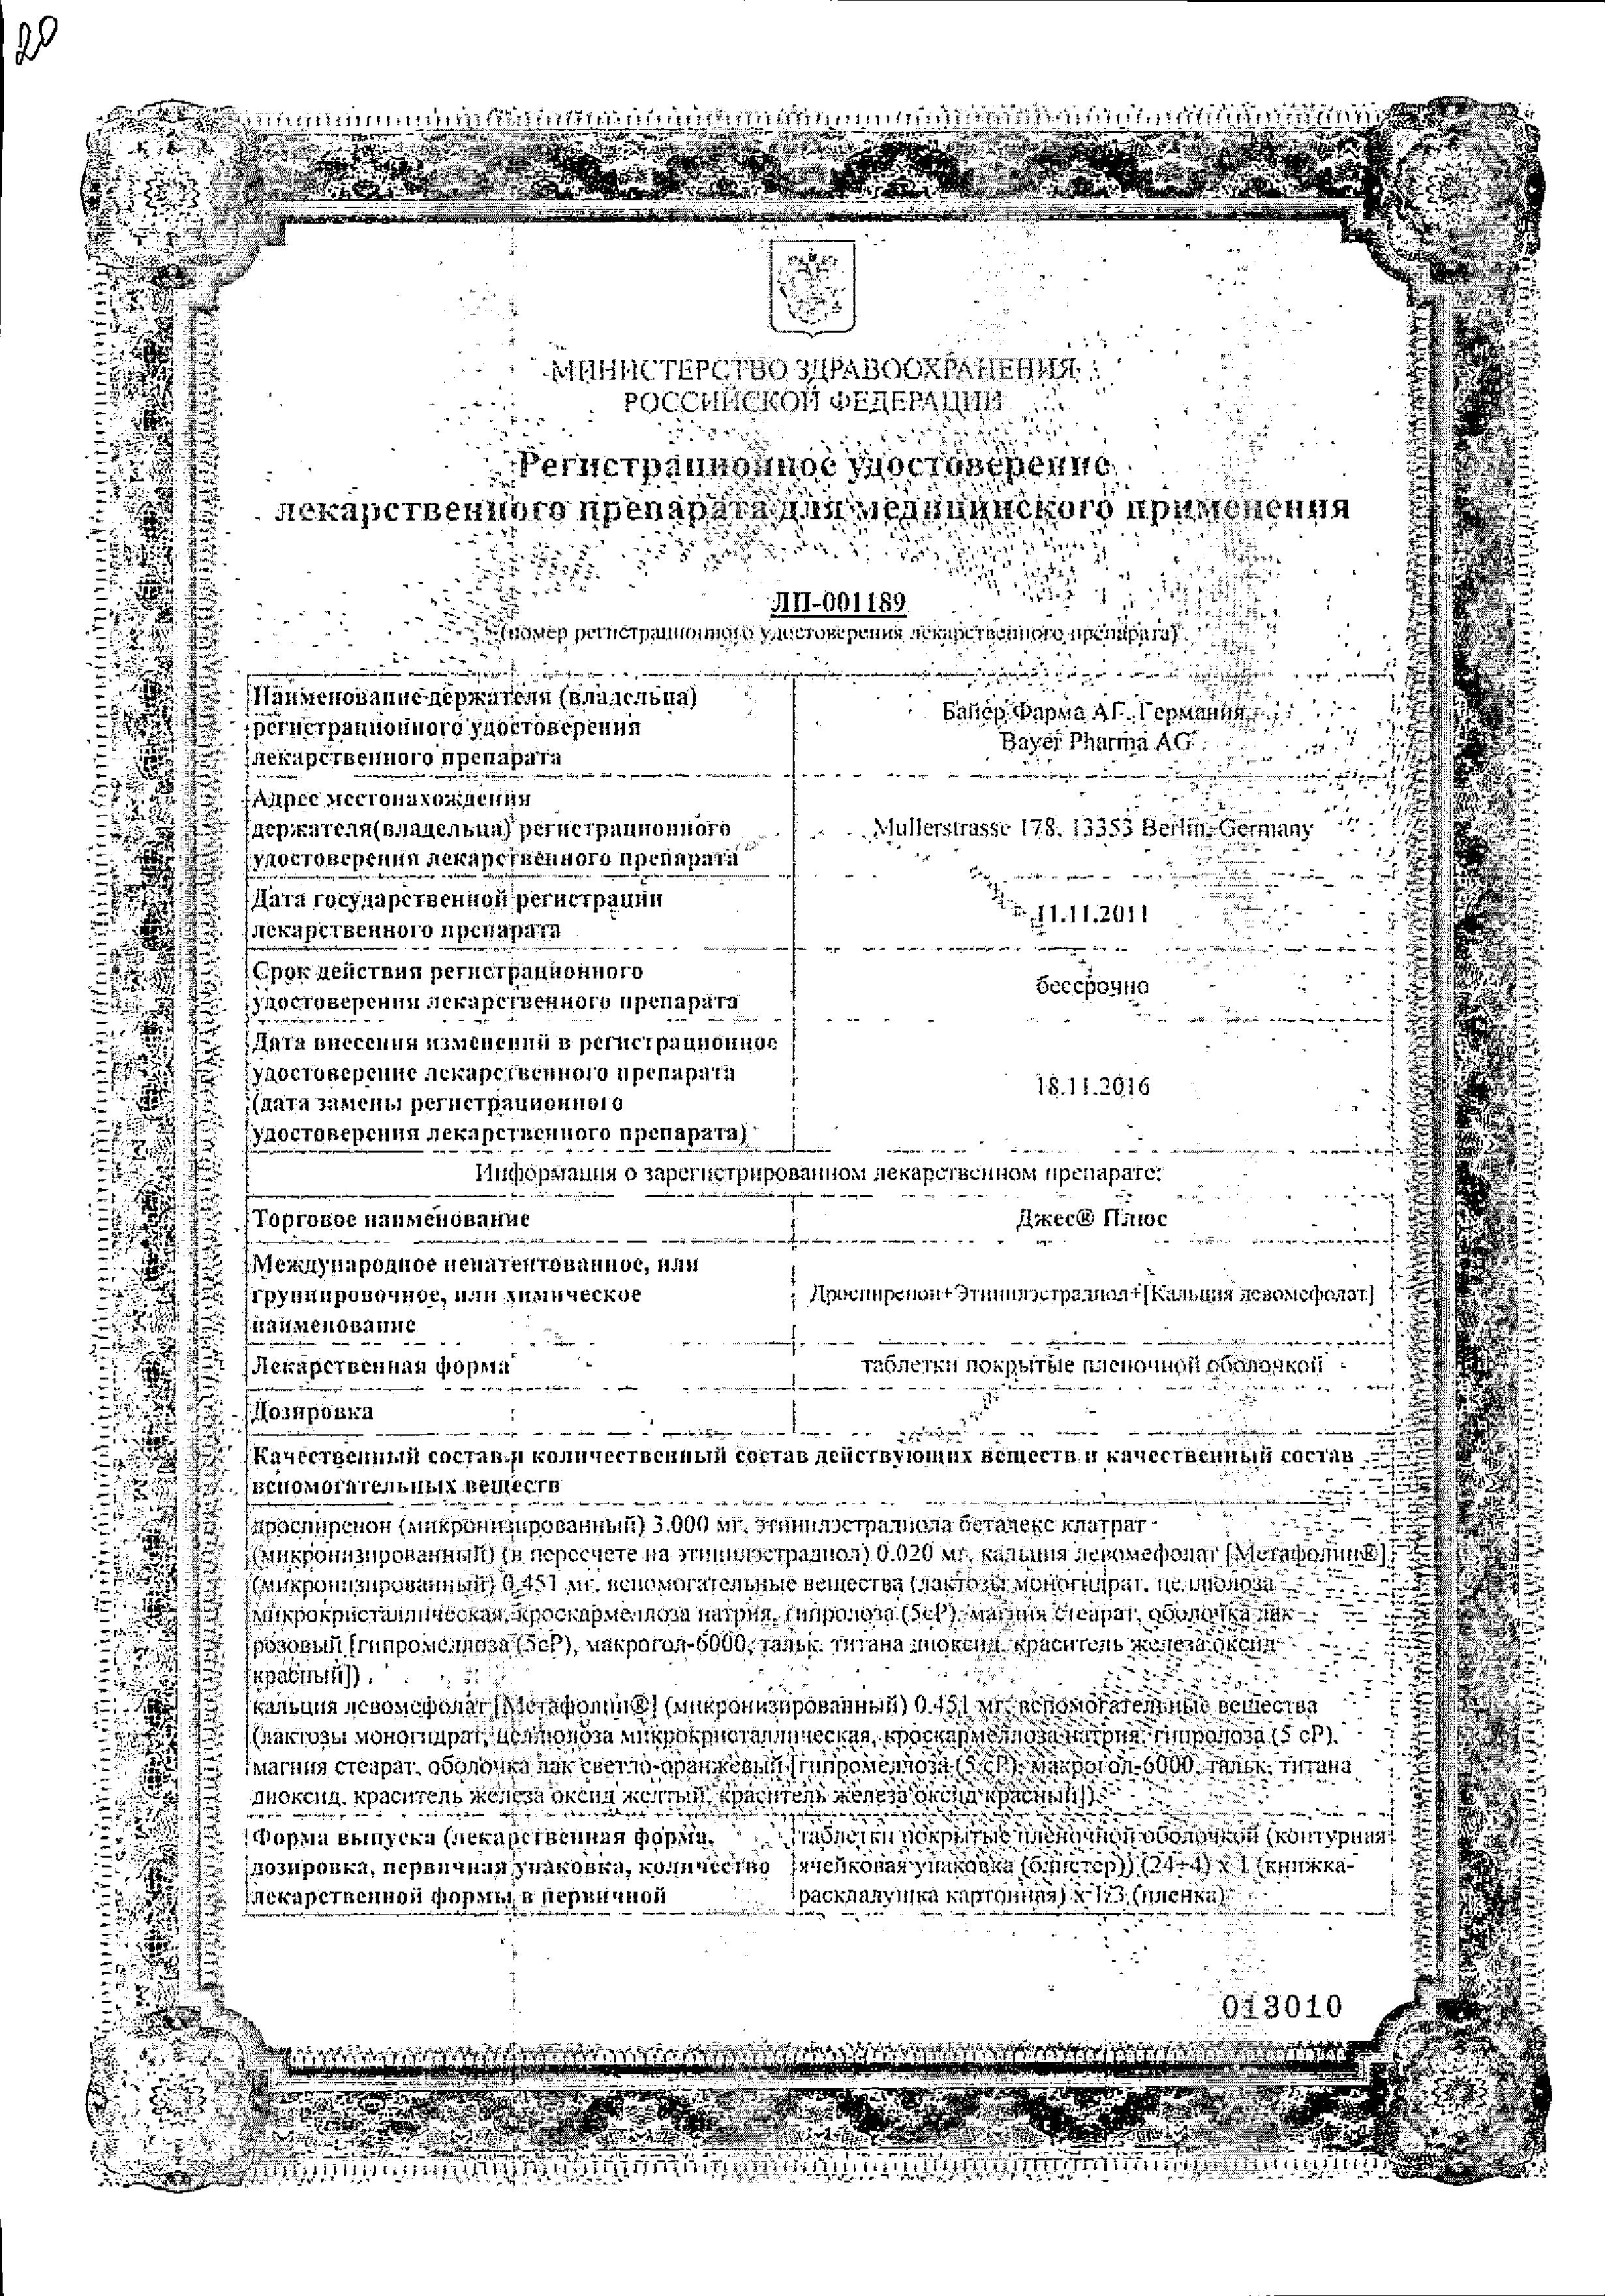 Джес Плюс сертификат